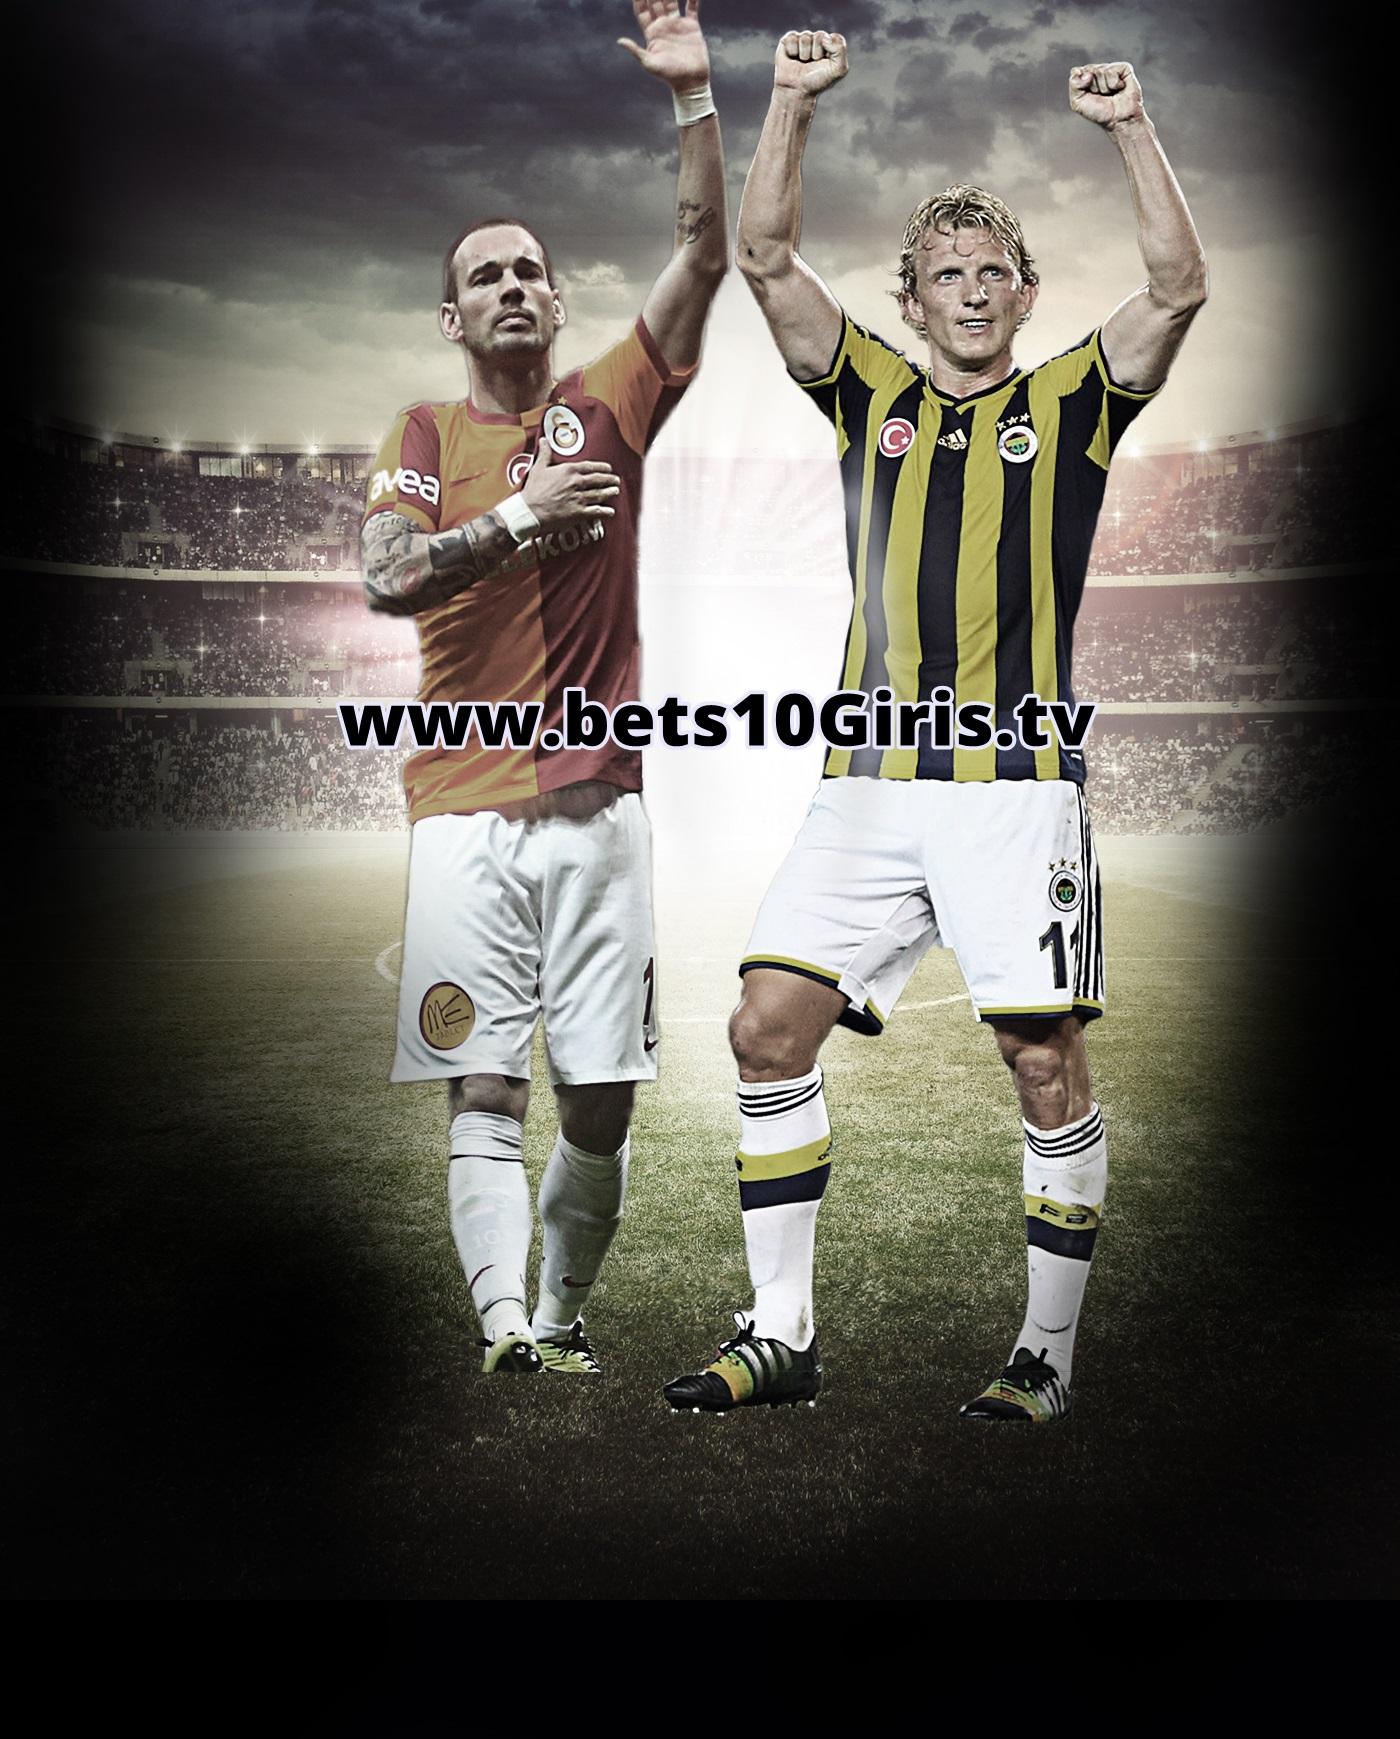 Galatasaray - Fenerbahçe Derbisine Süpriz Bonuslar